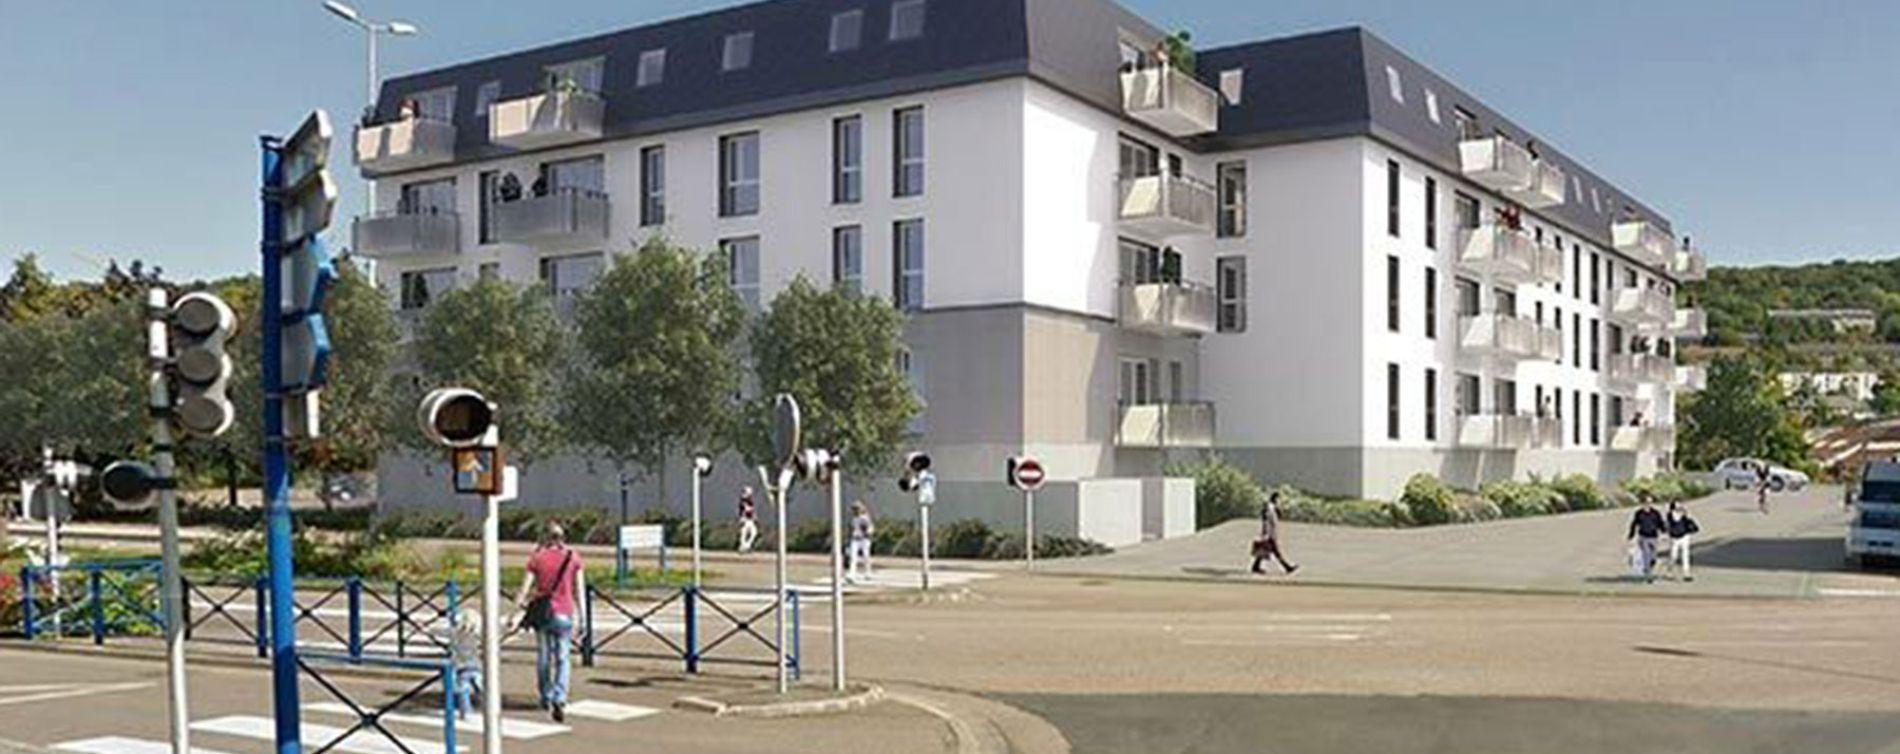 Déville-lès-Rouen : programme immobilier neuve « L'Etoffe du Cailly » en Loi Pinel